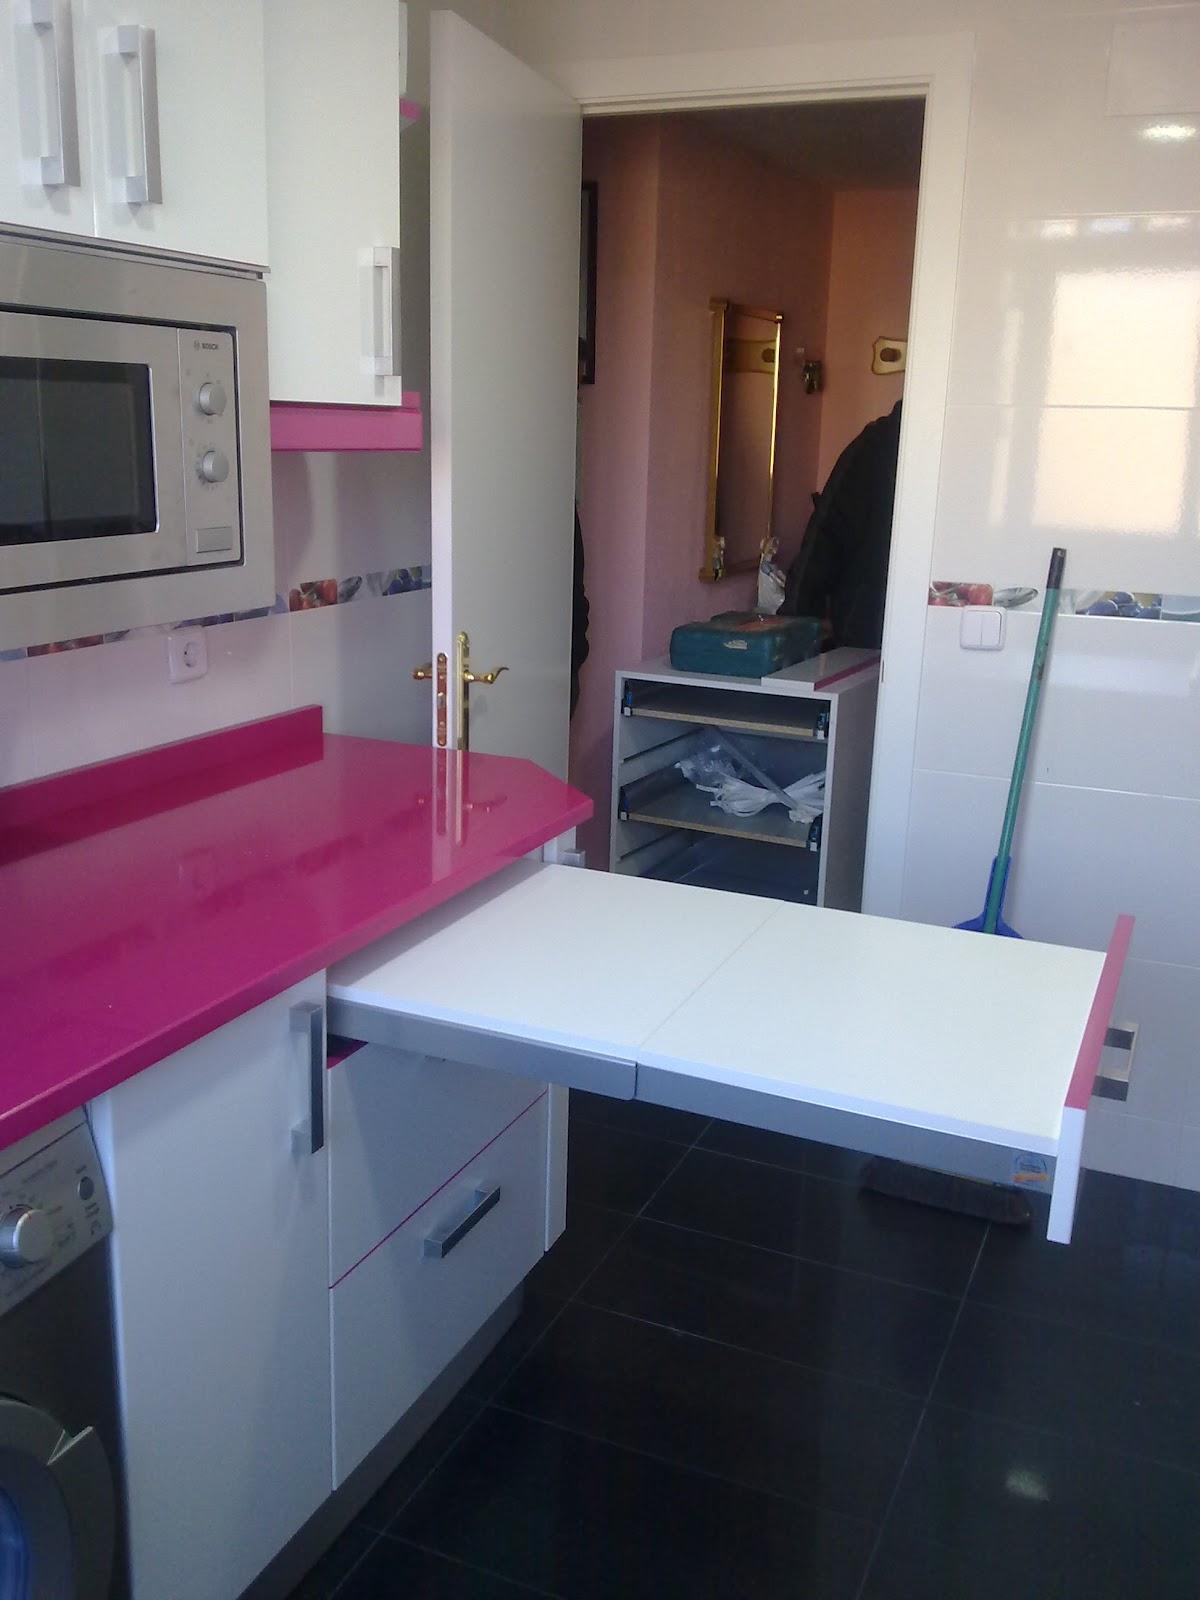 Laminado alto brillo blanco remates y encimera fucsia - Muebles de cocina sueltos ...